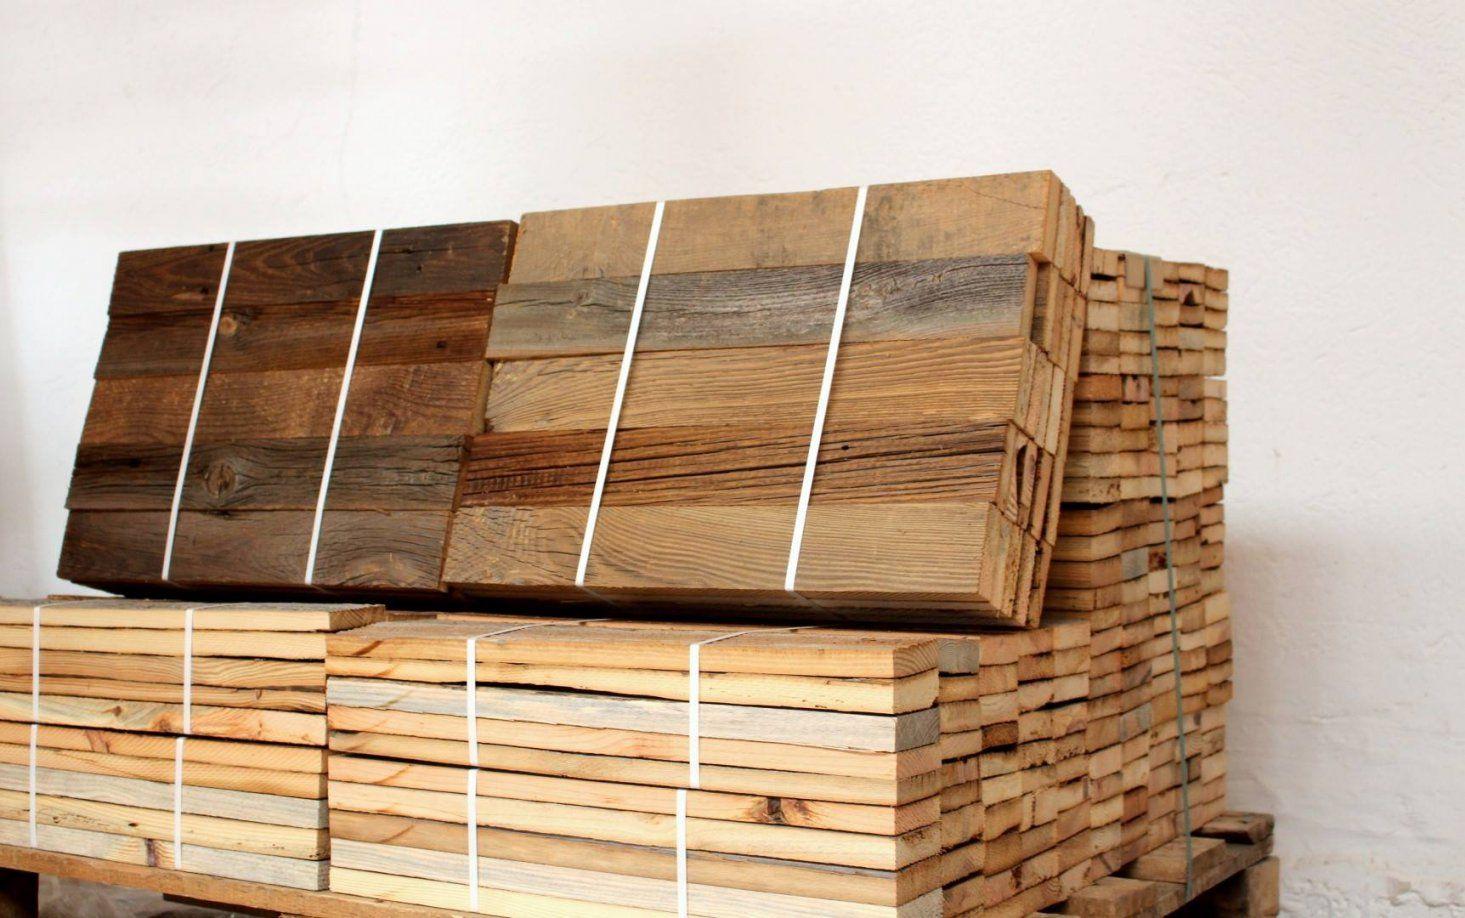 Chic Inspiration Wandverkleidung Holz Stein Außen Englisch von Wandverkleidung Aus Holz Innen Bild